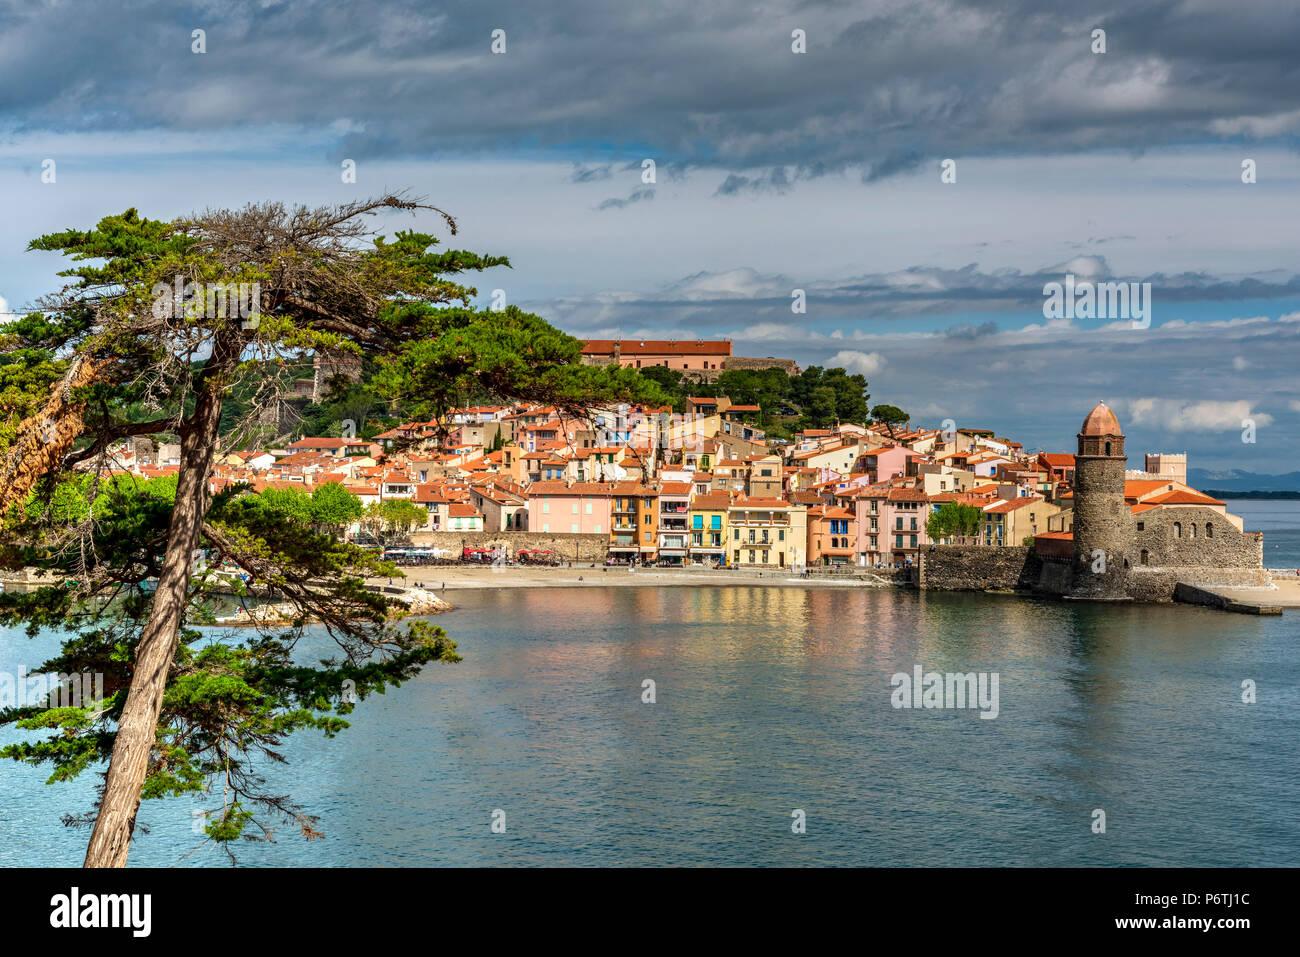 Collioure, Pirineos Orientales, Francia Imagen De Stock